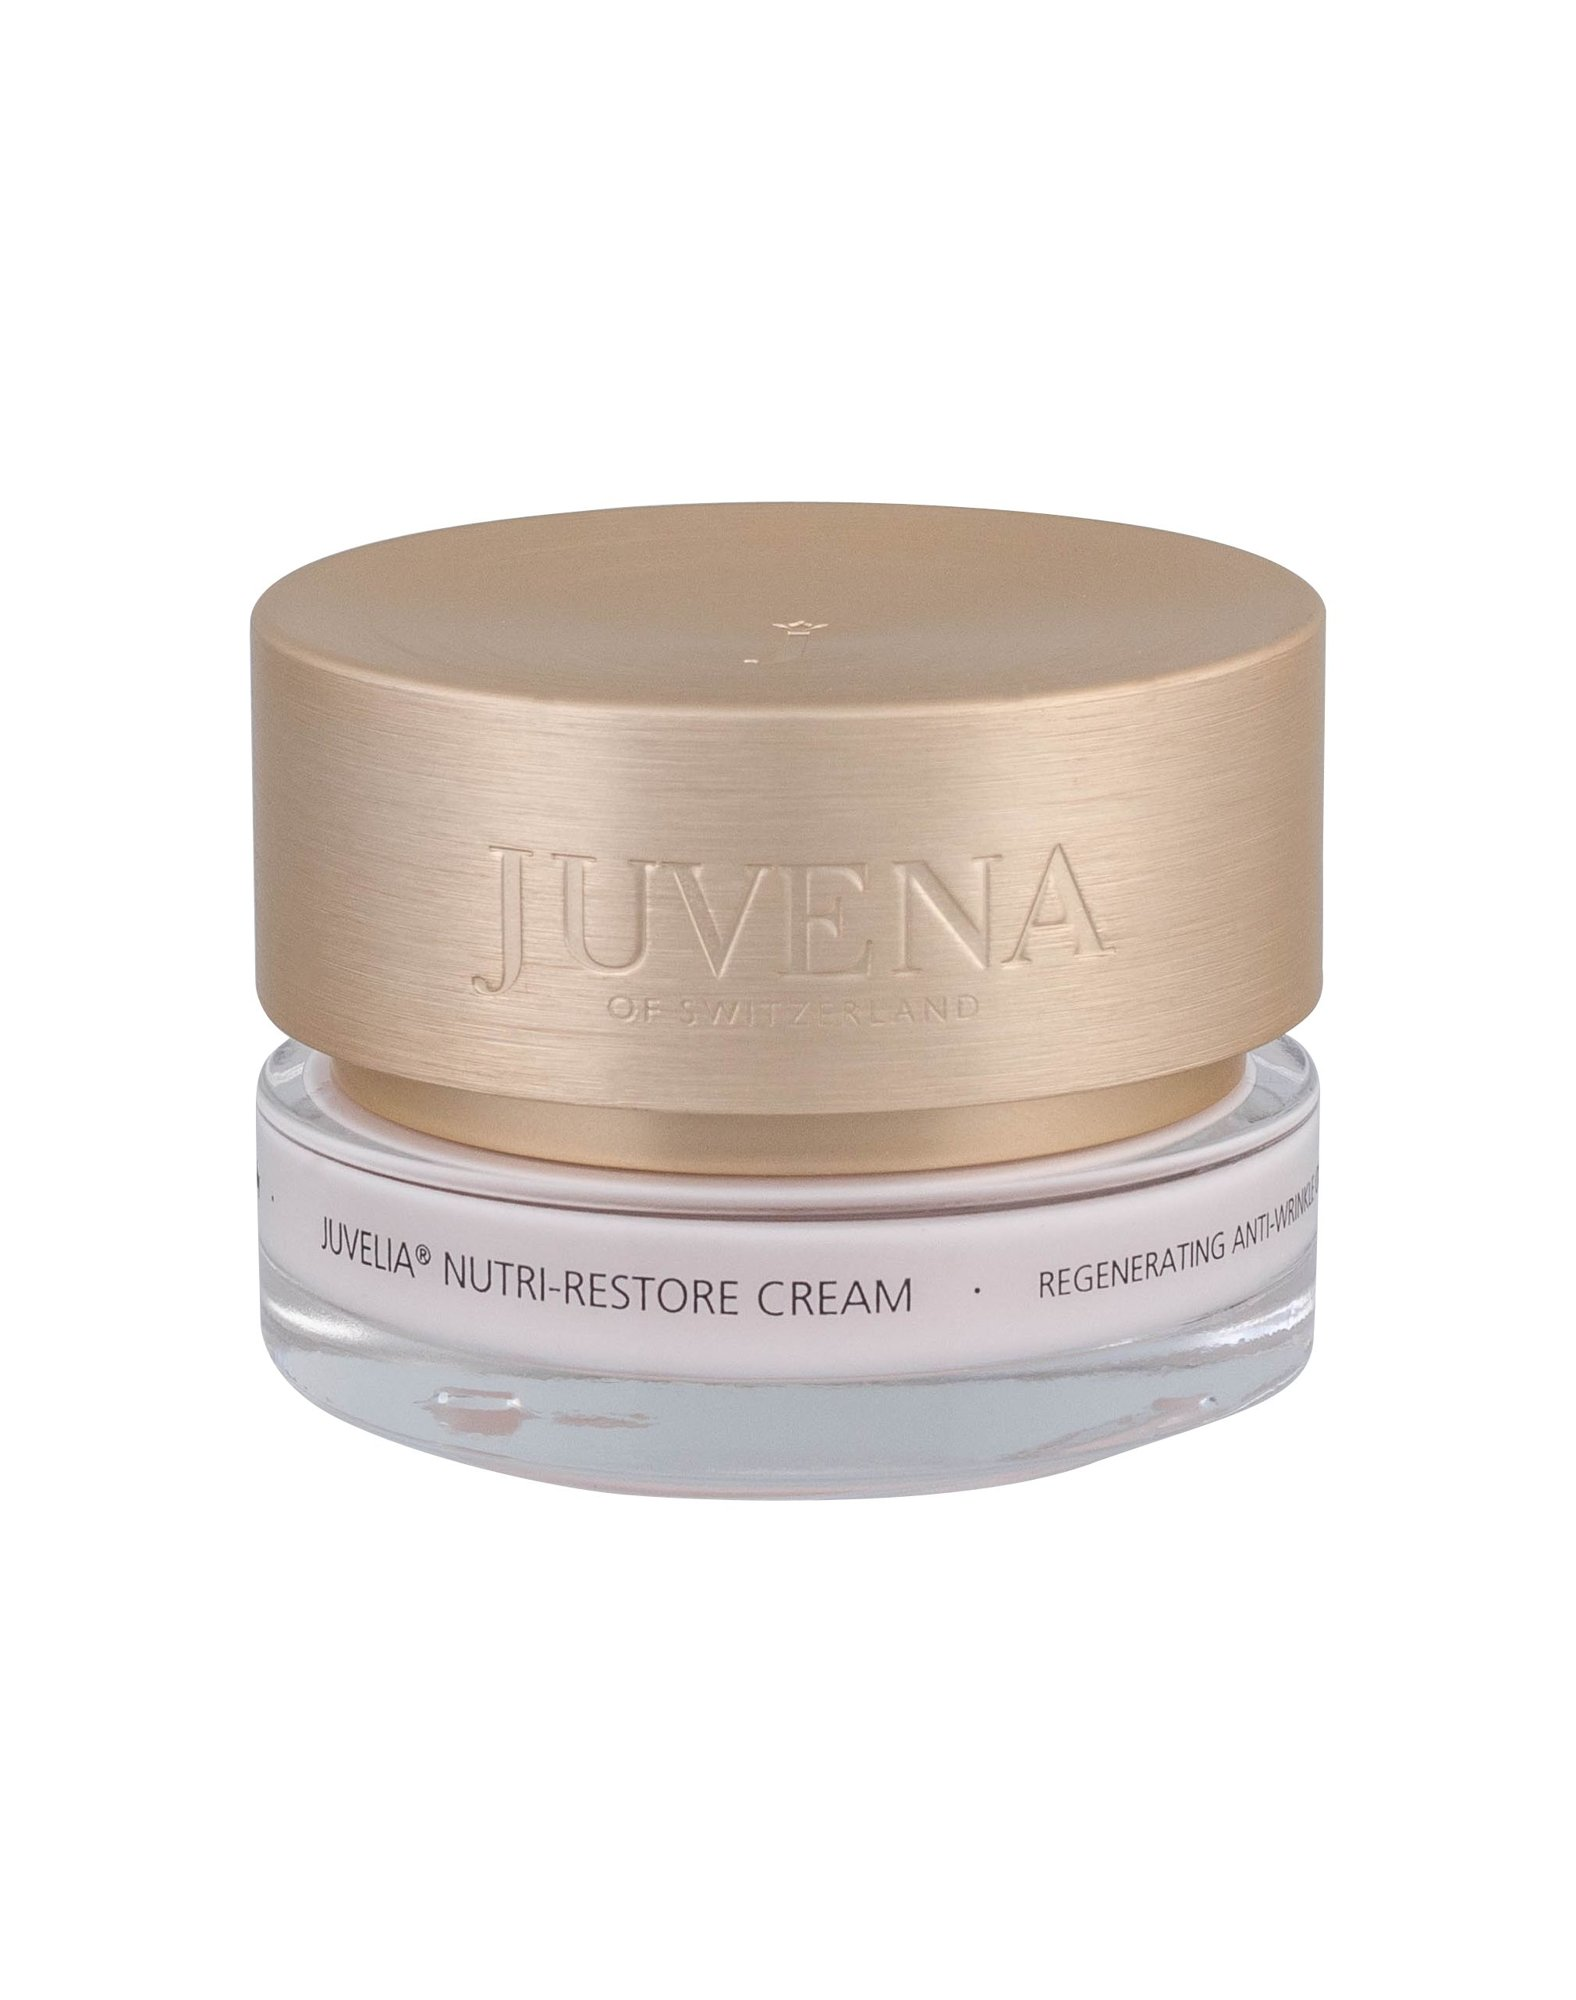 Juvena Juvelia Day Cream 50ml